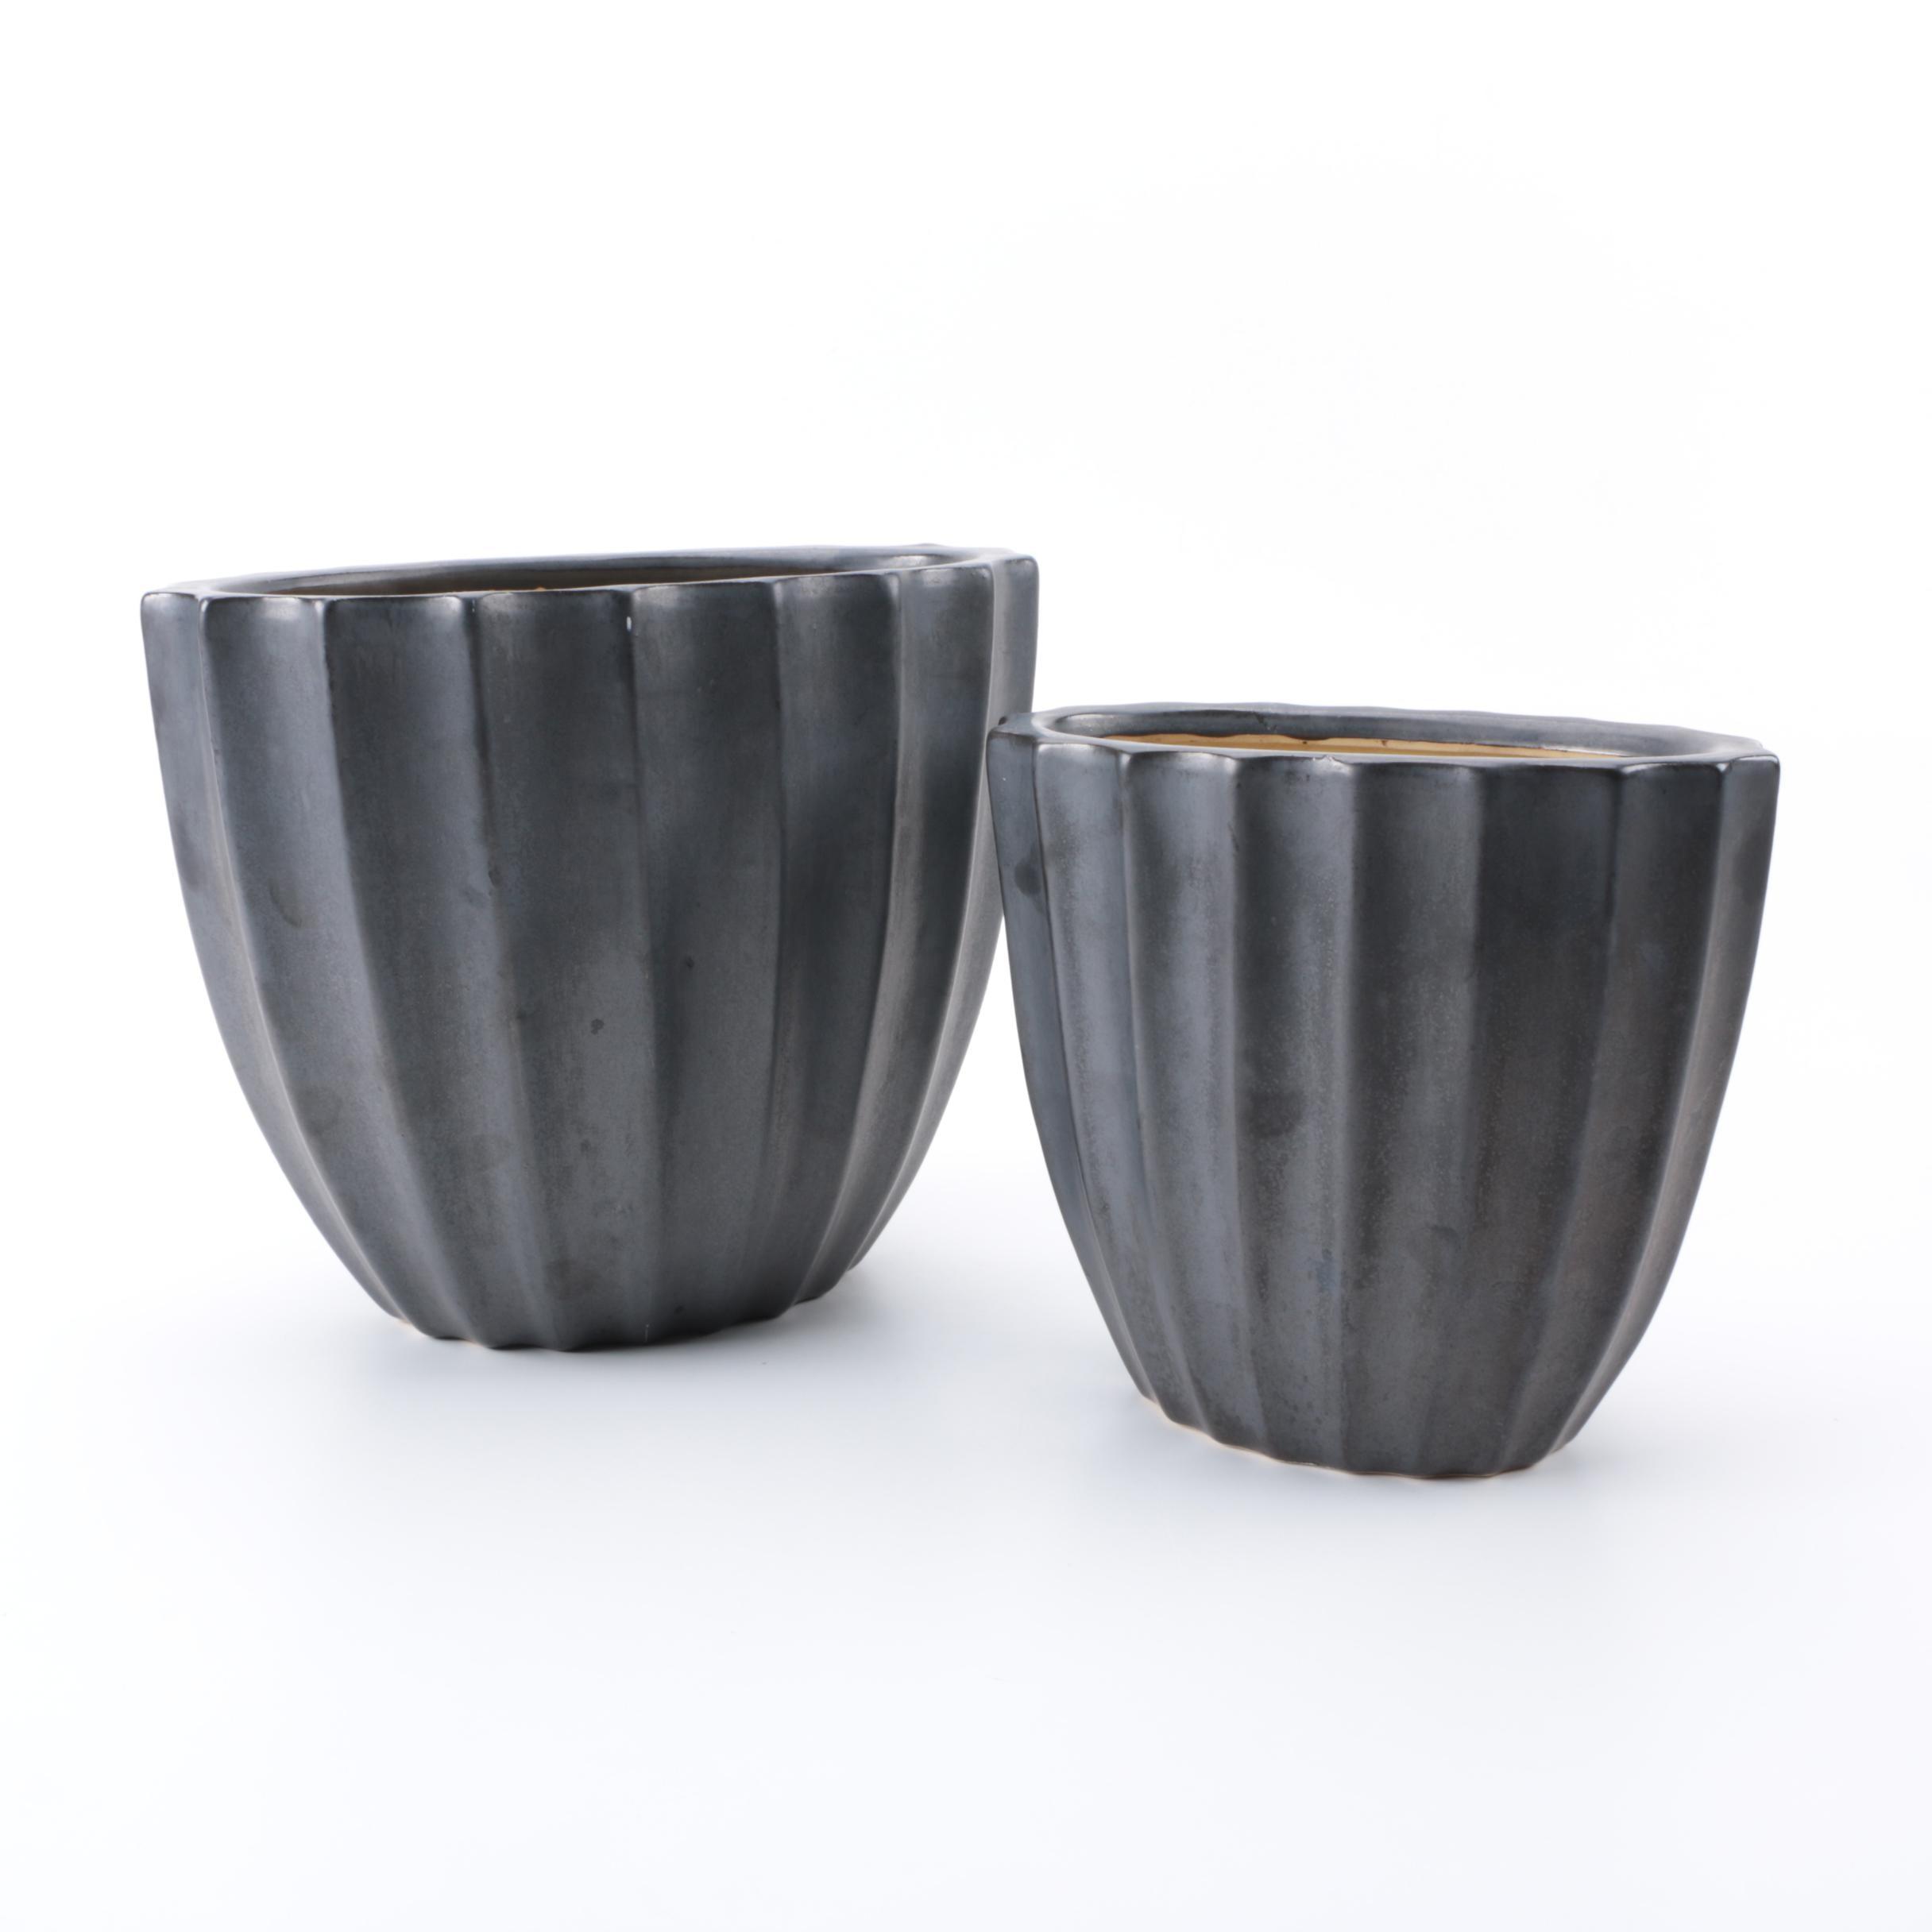 Pair of Ceramic Planters